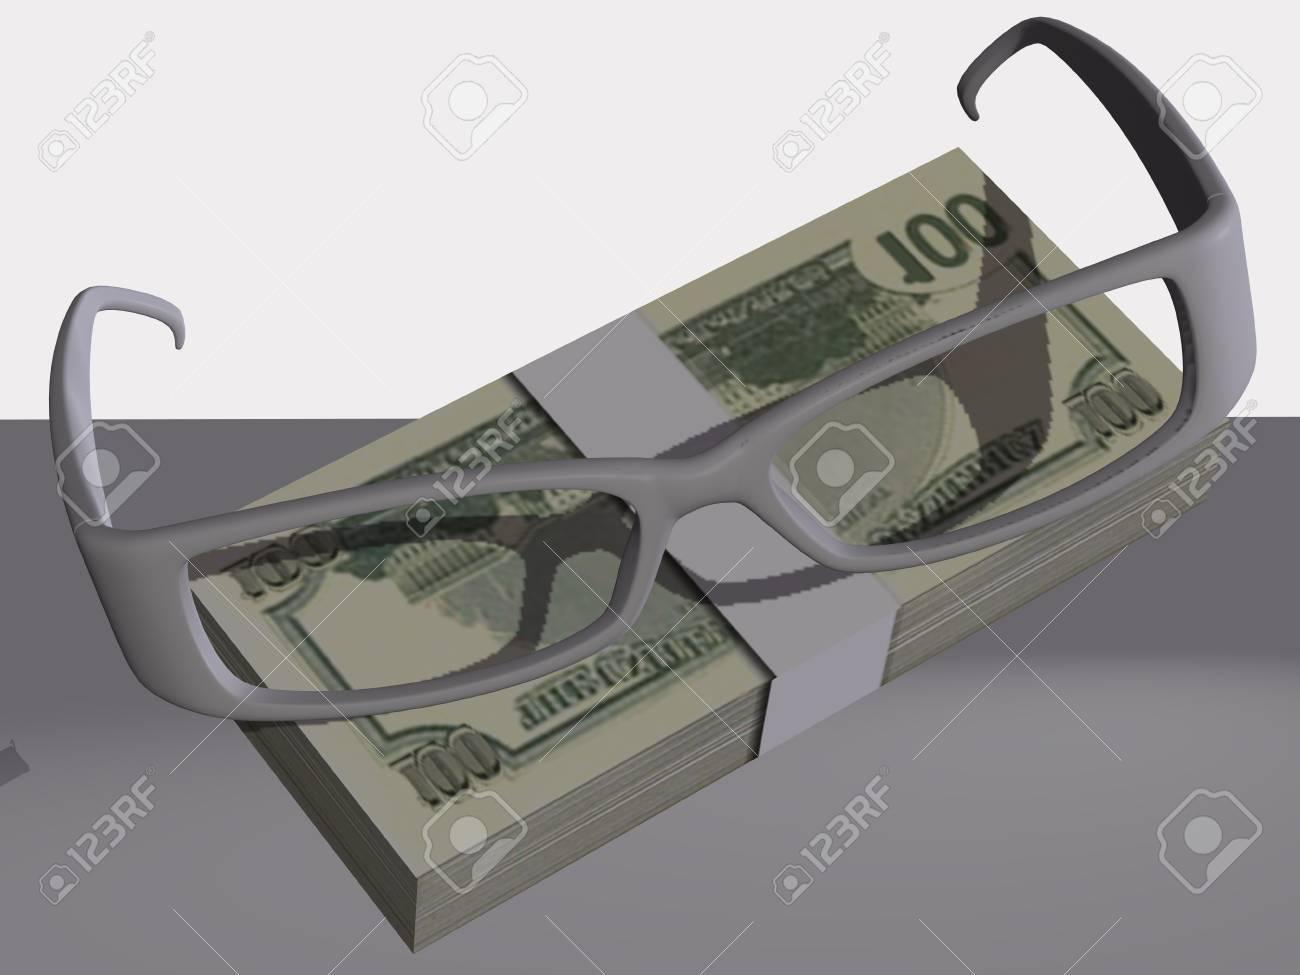 Money and optical eyeglasses on white background Stock Photo - 17510244